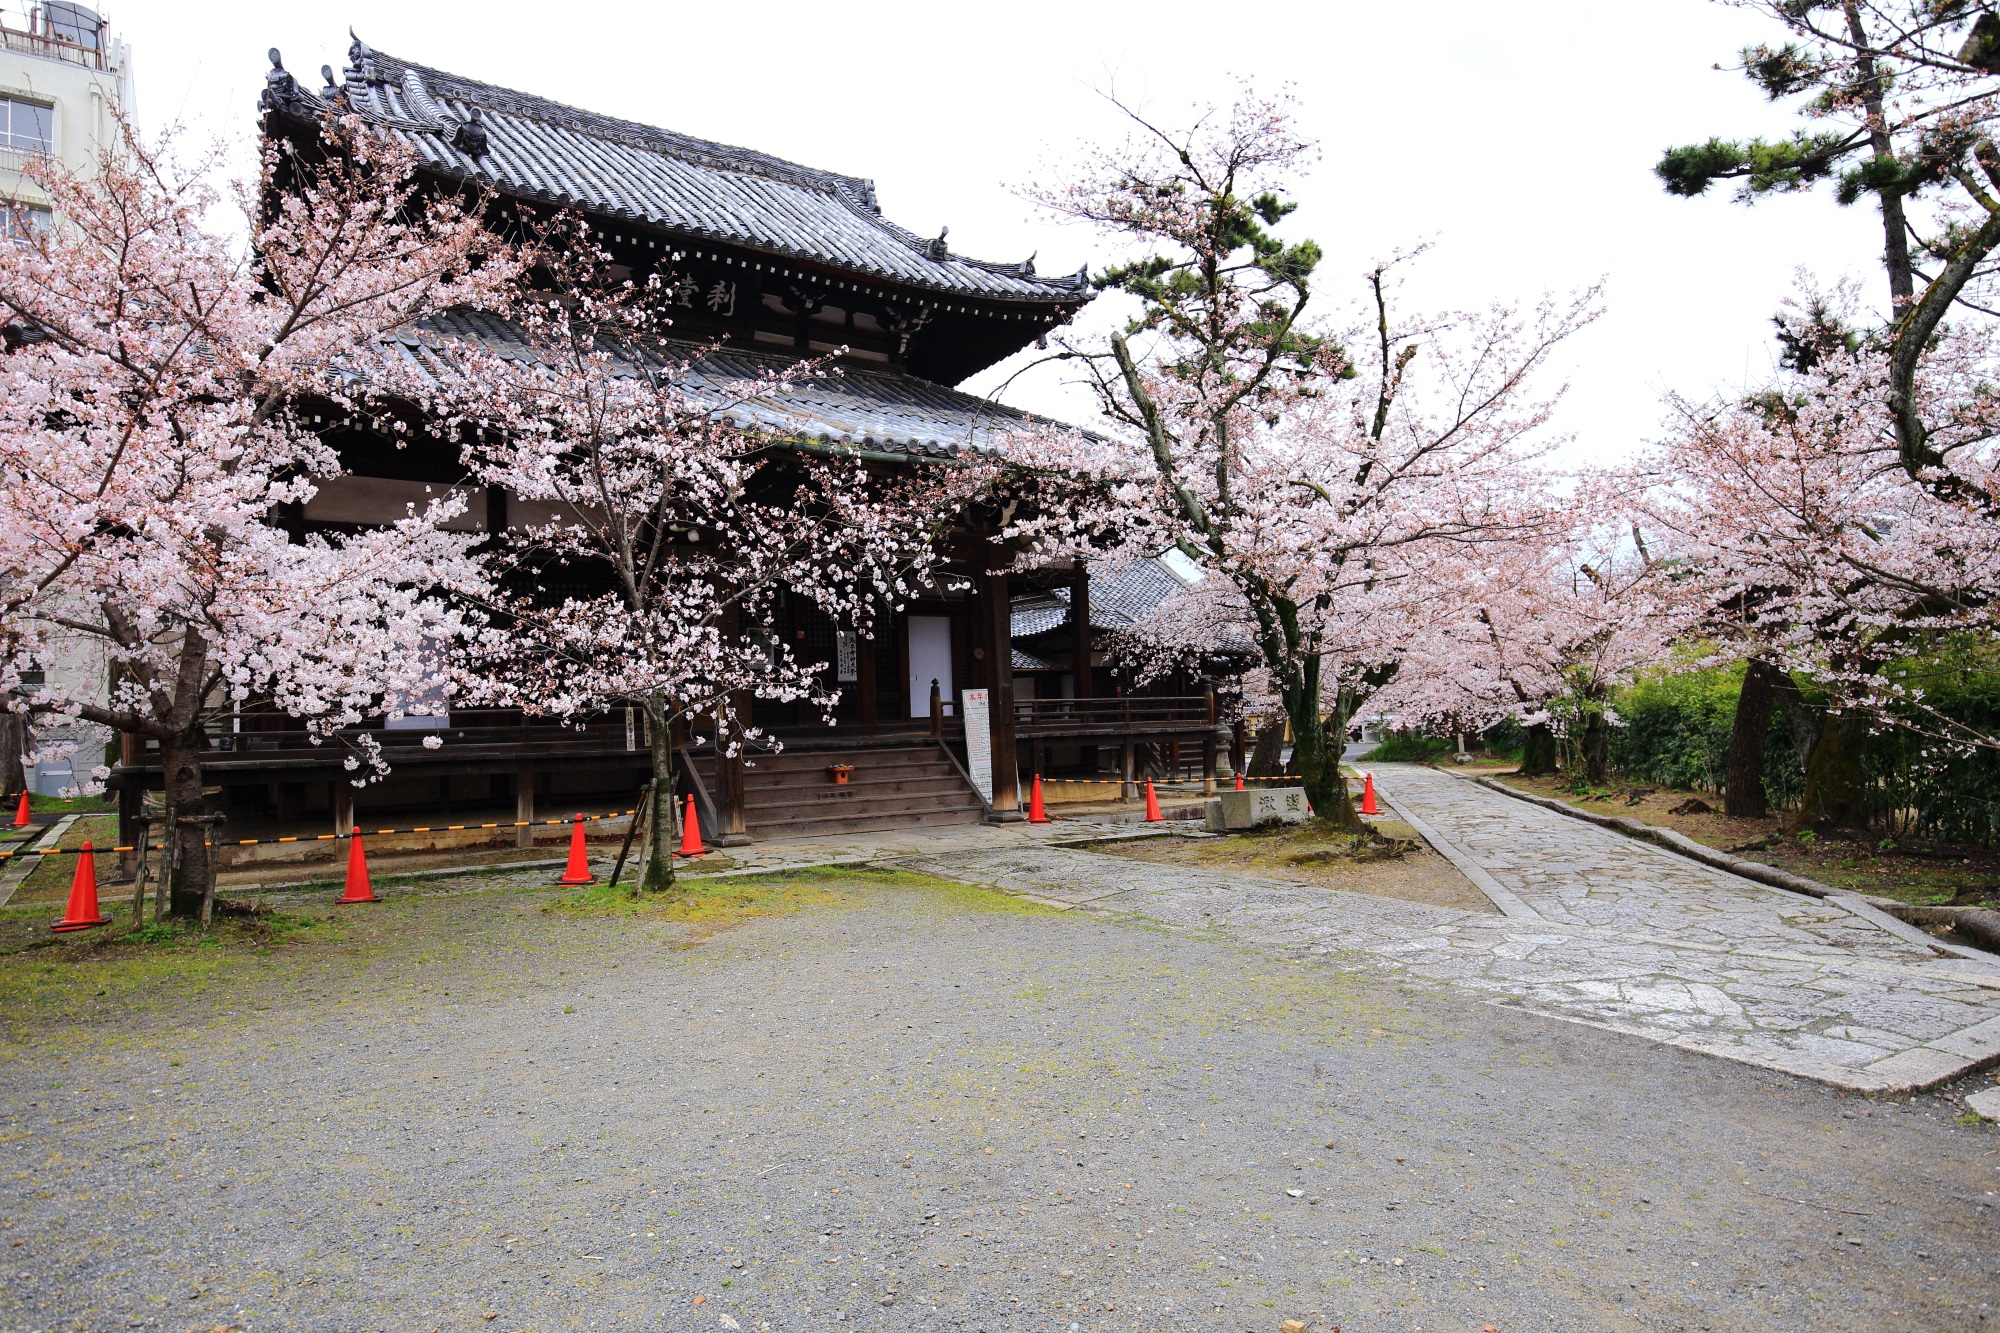 立本寺の刹堂(鬼子母神堂)と桜